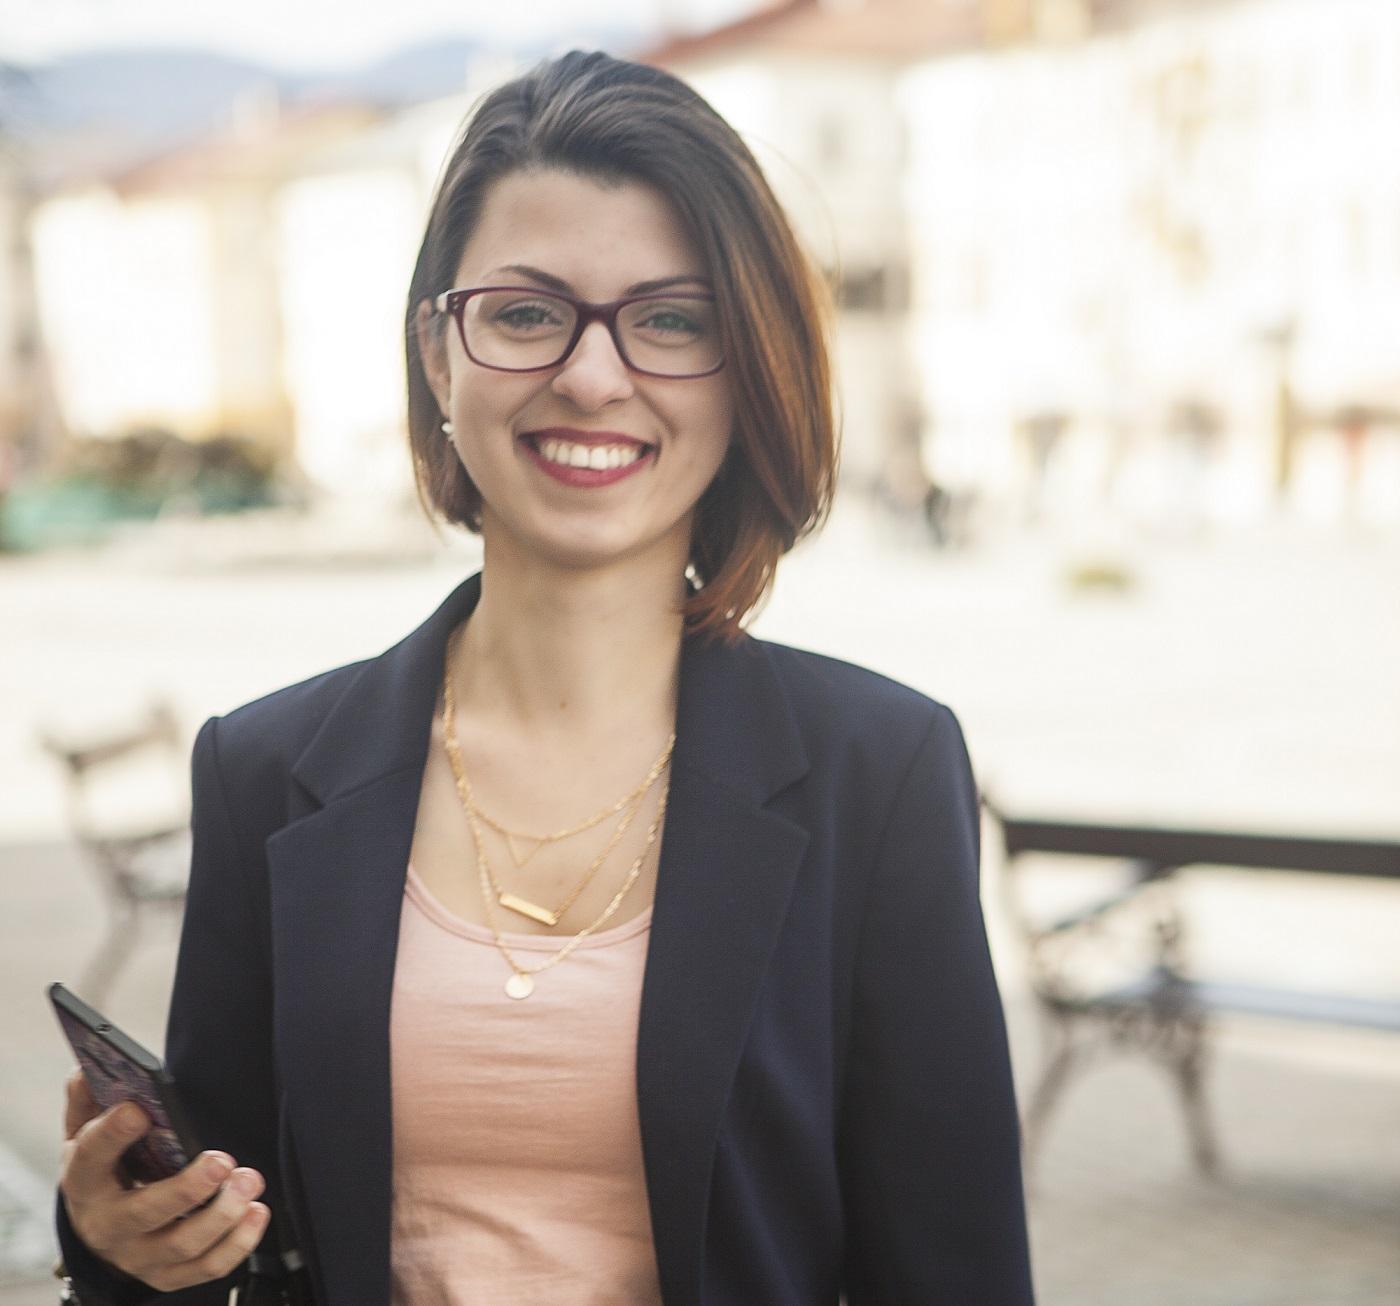 rozhovor Rozhovor s Lenkou: Žite s väčšou dôverou a menšími predsudkami rozhovor s lenkou business 1